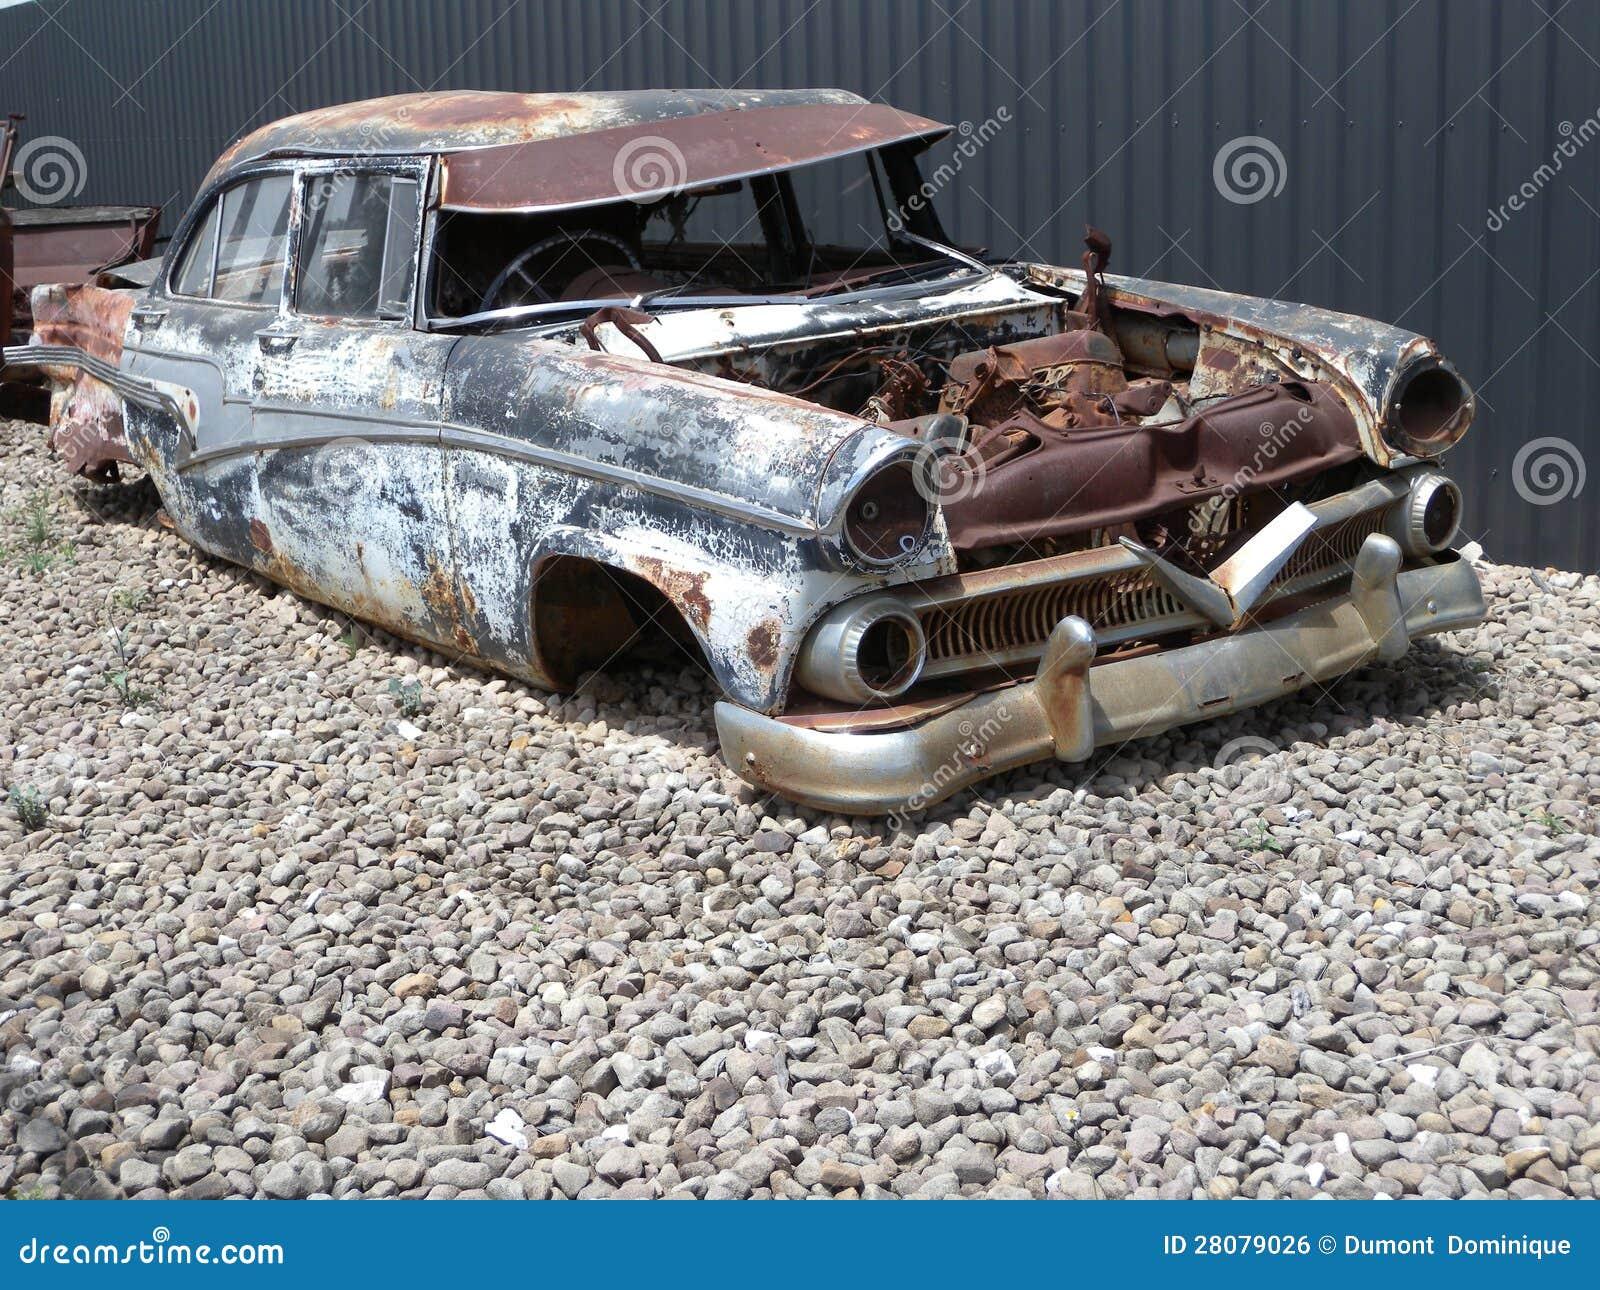 altes verrostetes auto stockfoto bild von verrostet 28079026. Black Bedroom Furniture Sets. Home Design Ideas